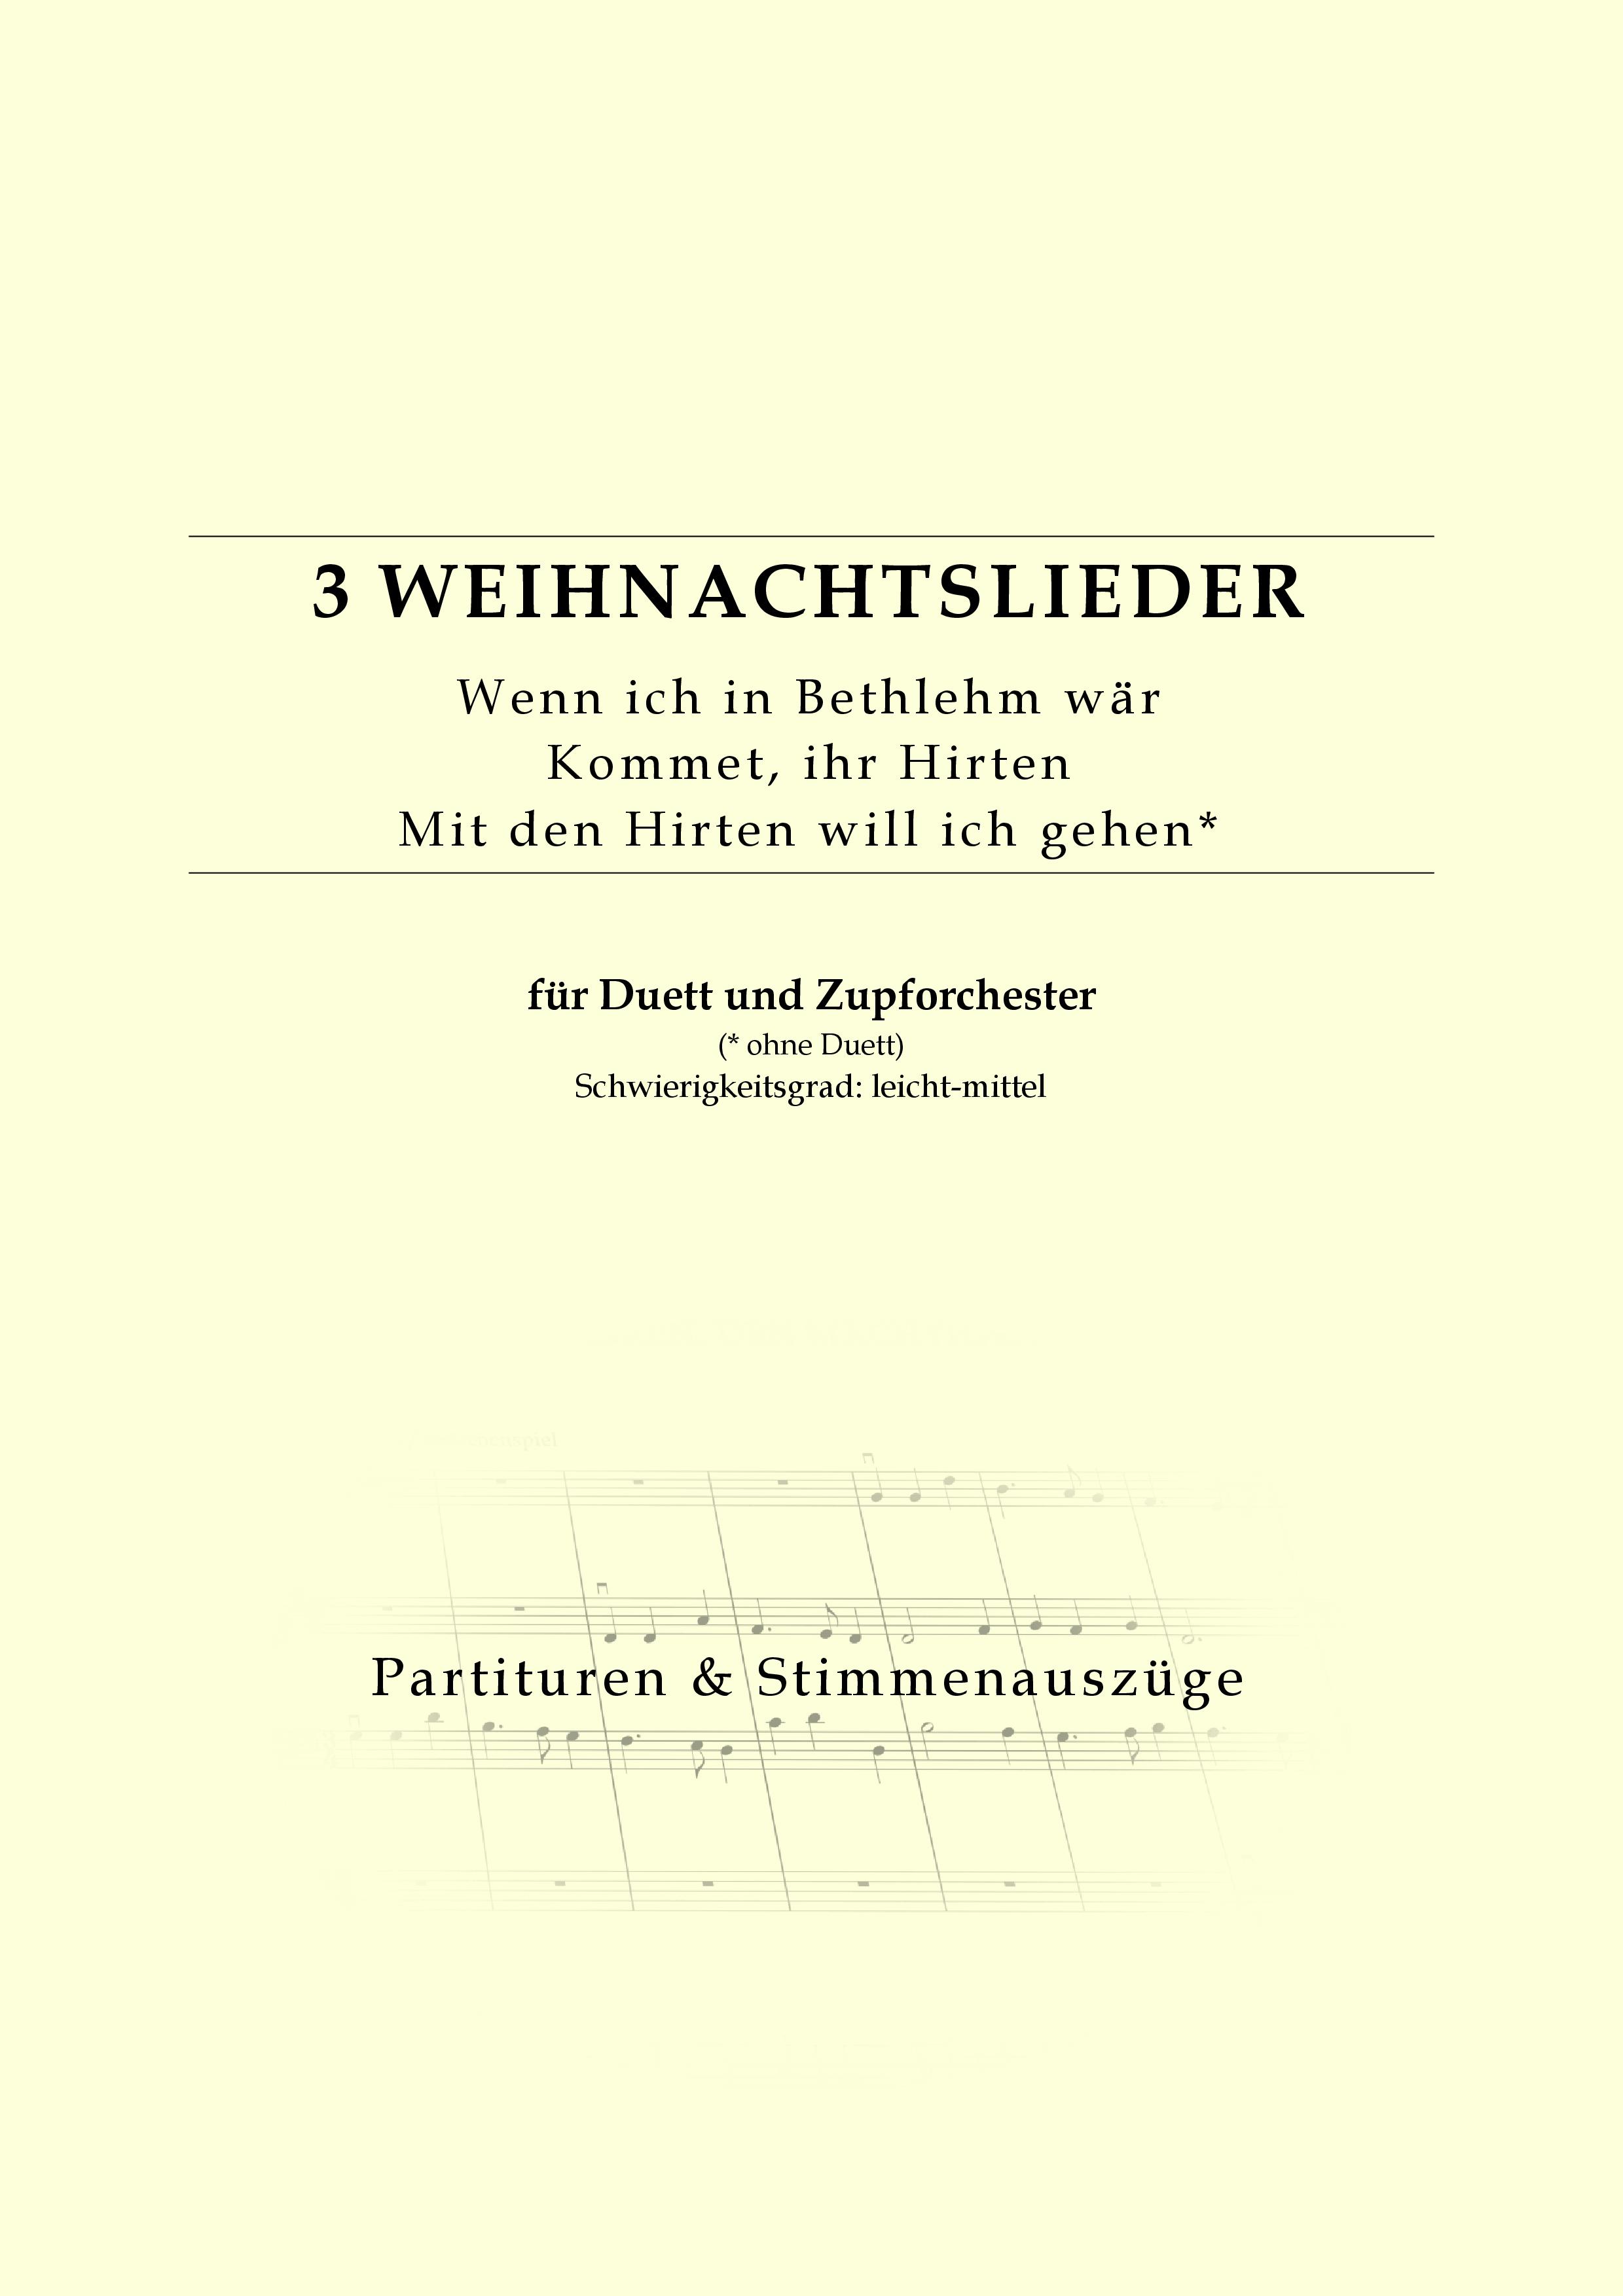 Partitur für Zupforchester: Drei Weihnachtslieder | Friedensstimme.com